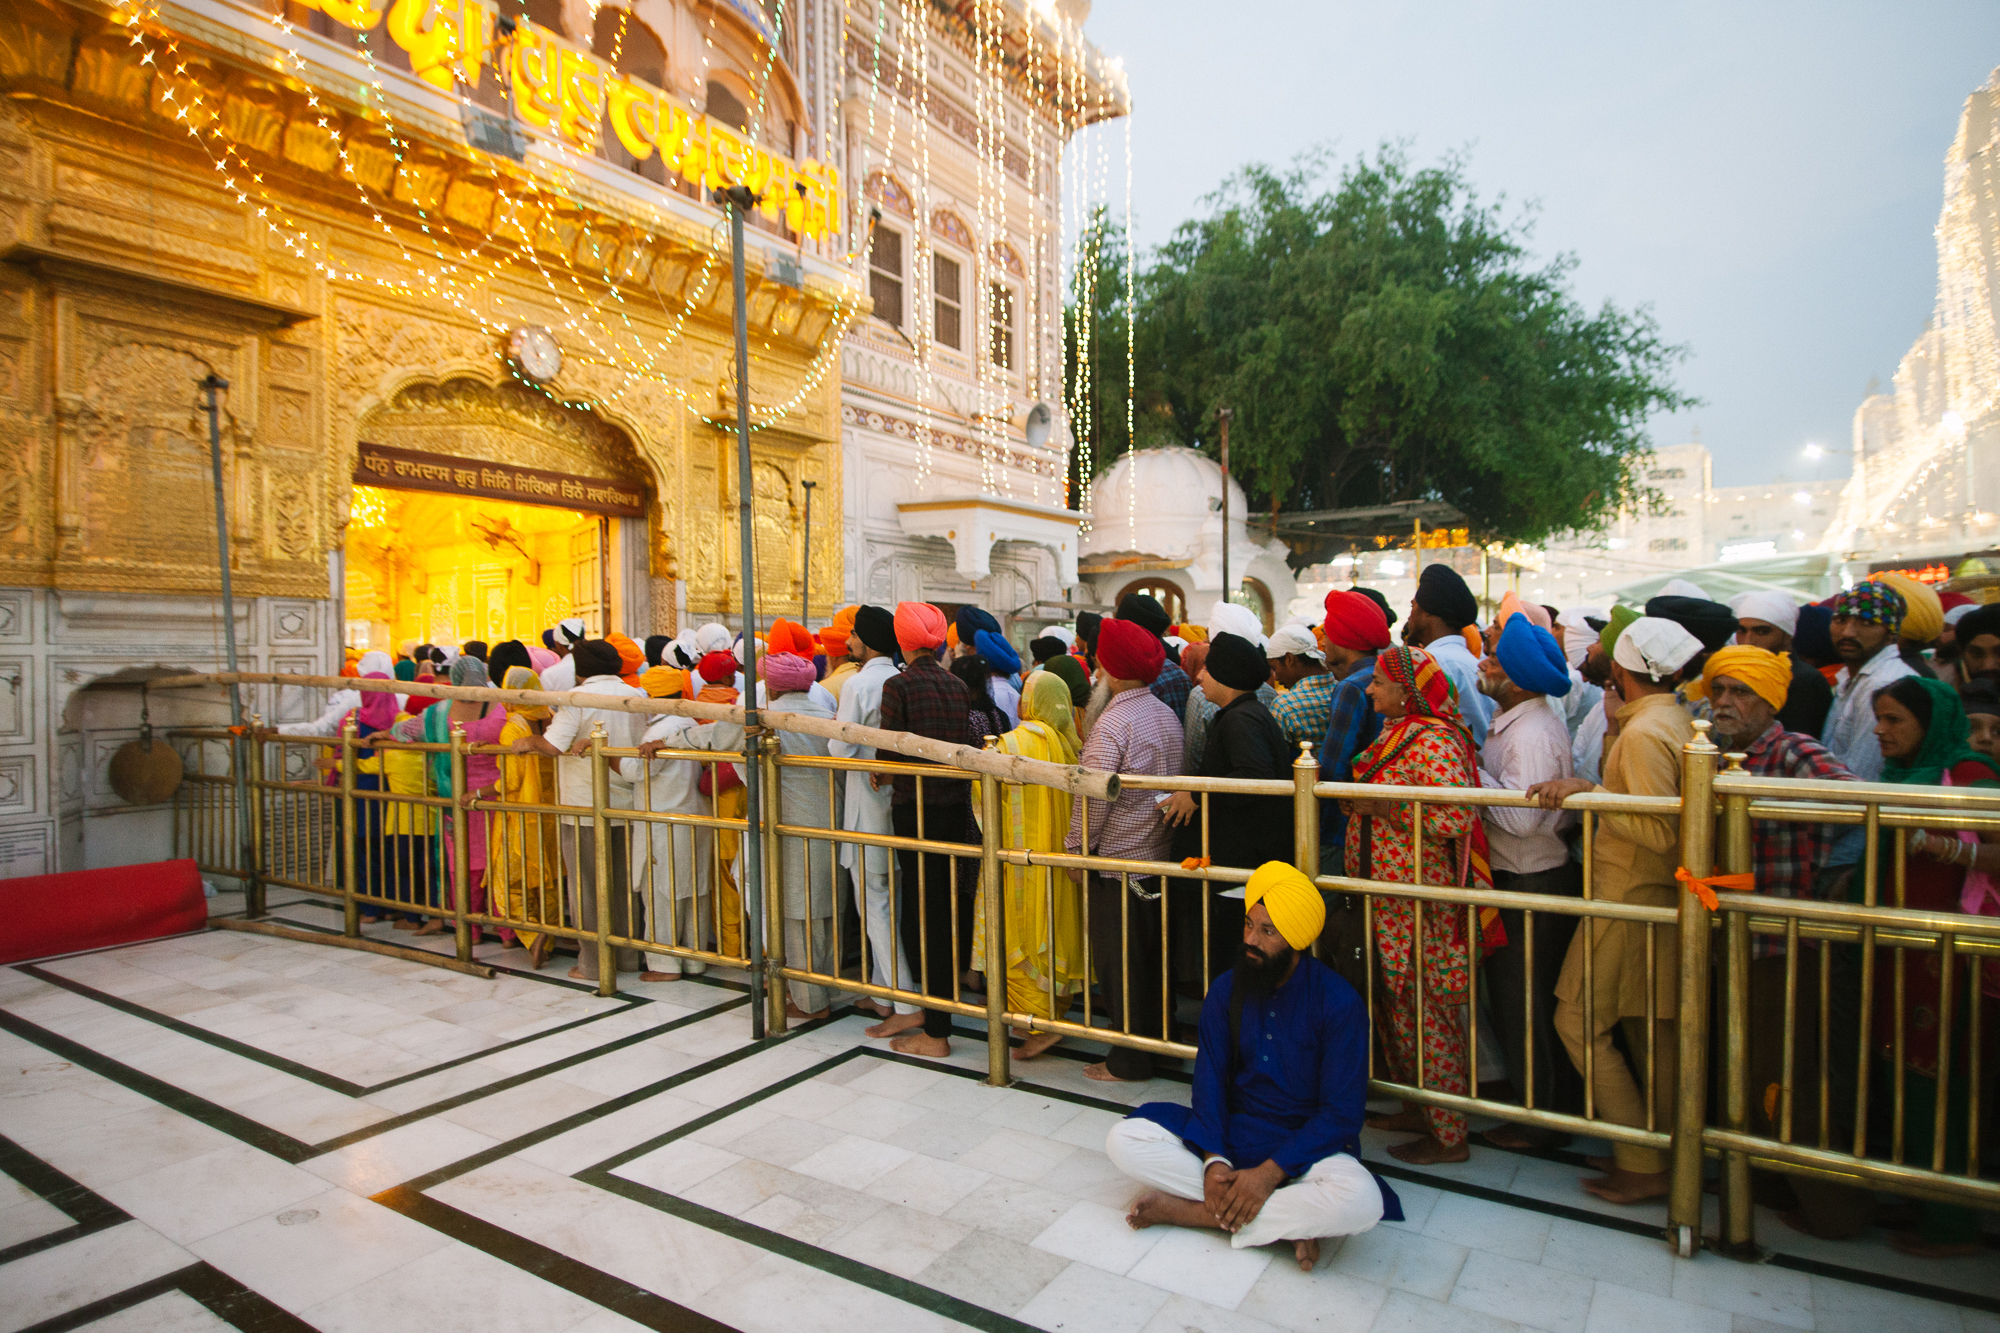 Pèlerins qui font la queue pour entrer dans le Saint des Saints